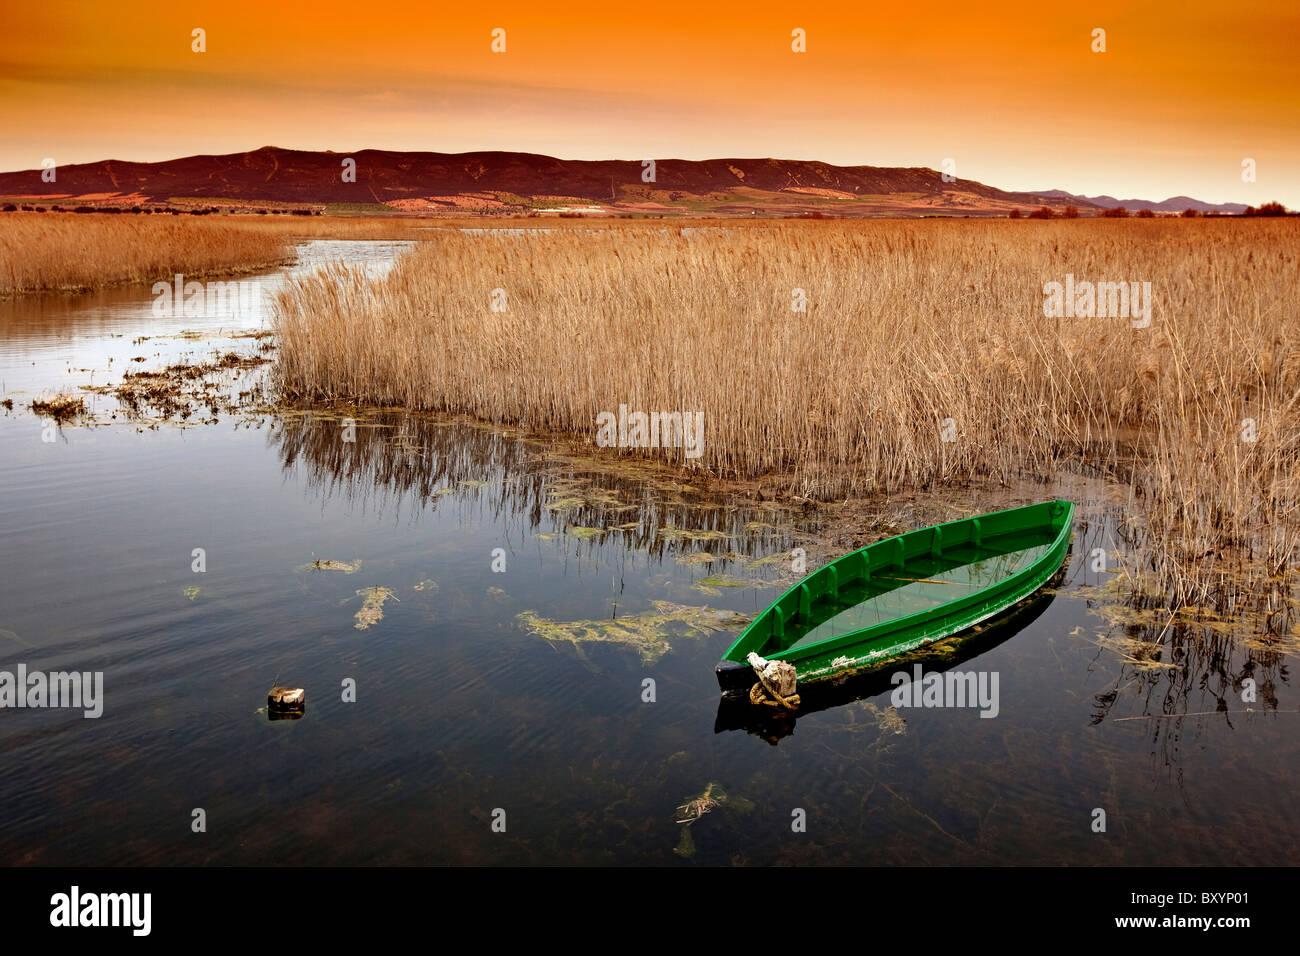 Barca en el Parque Nacional de Las Tablas de Daimiel Ciudad Real Castilla La Mancha España barca Parco Nazionale Immagini Stock